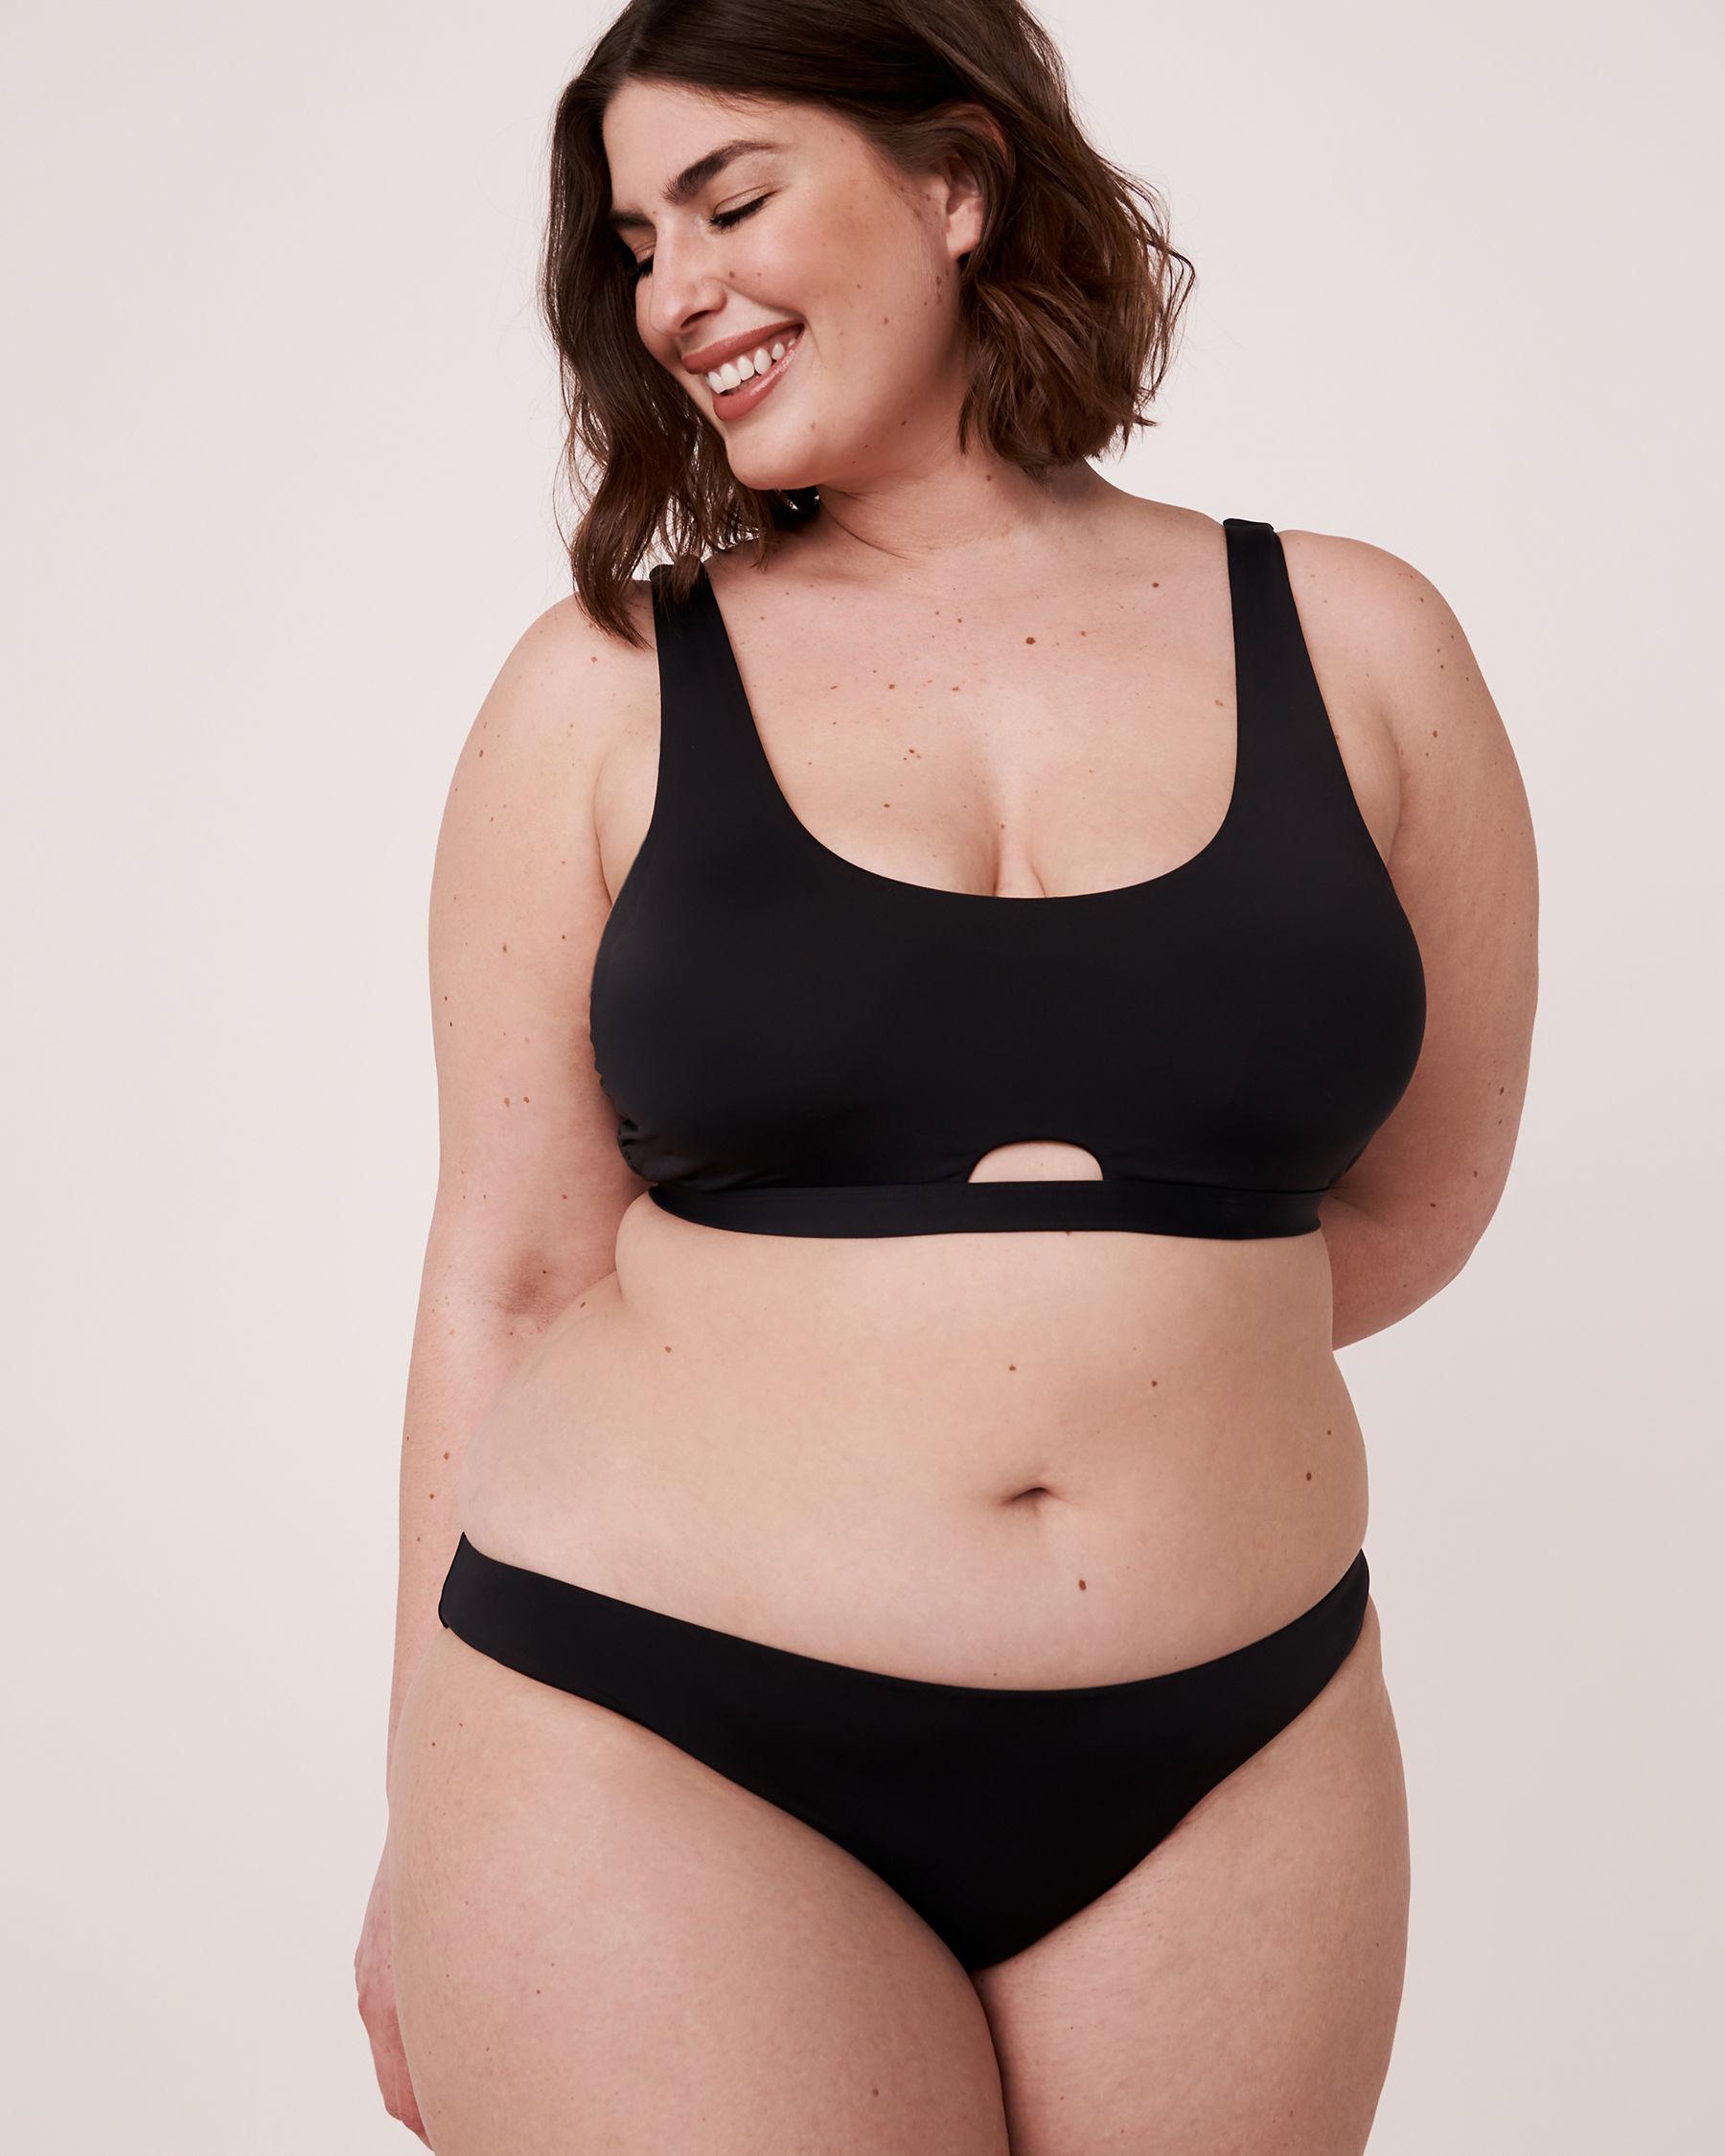 LA VIE EN ROSE AQUA Haut de bikini bralette SOLID Noir 70100113 - Voir1